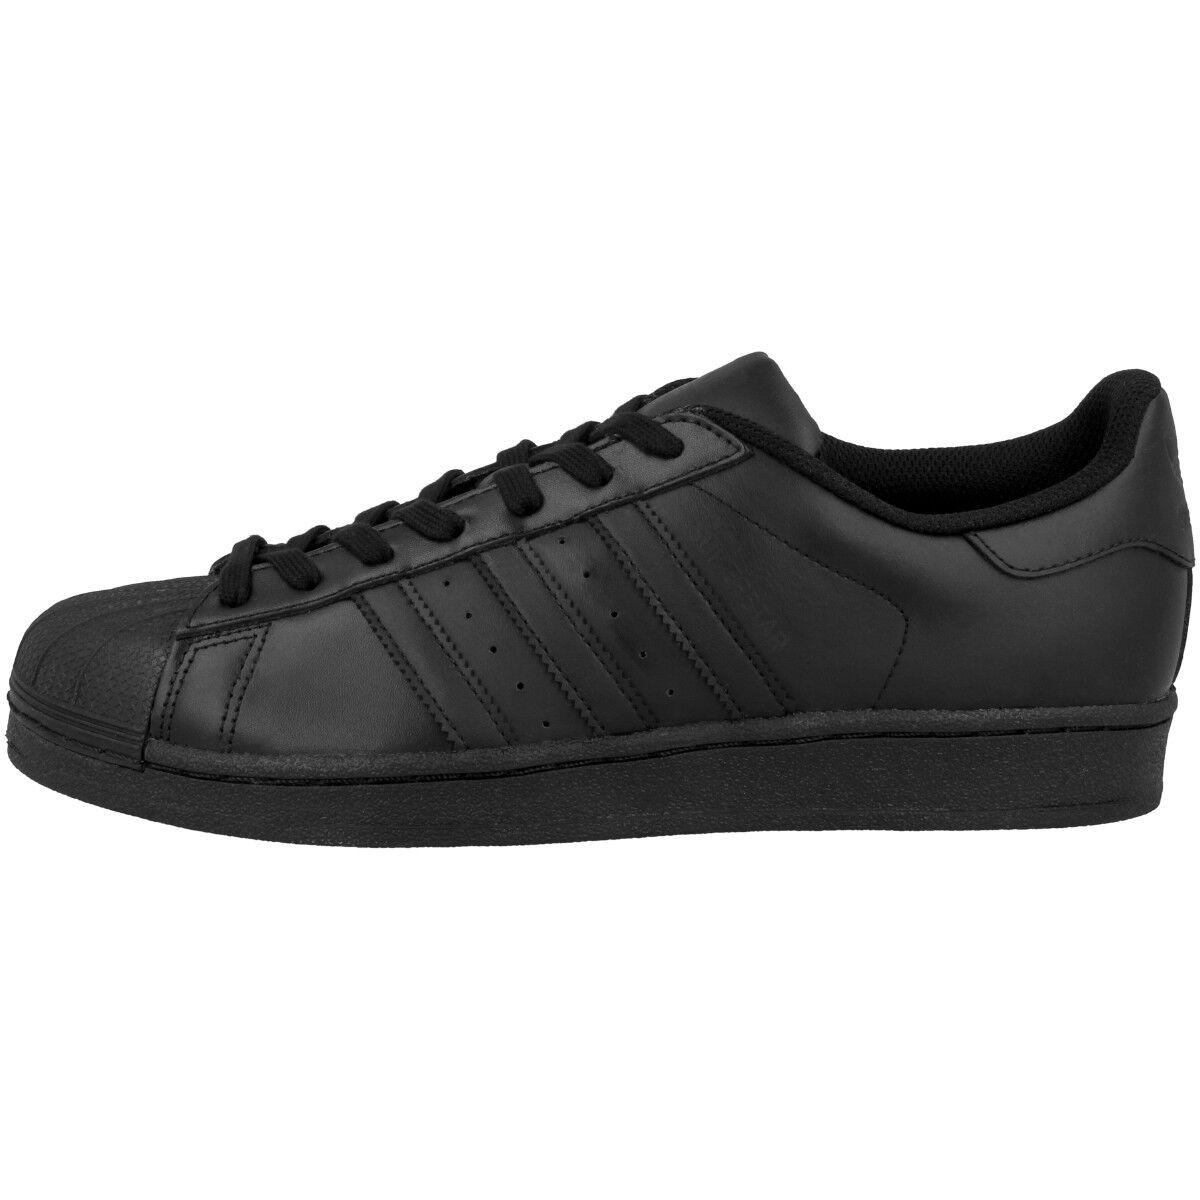 Adidas Superstar Foundation Schuhe Retro Klassiker Sneaker black 80s Flux AF5666